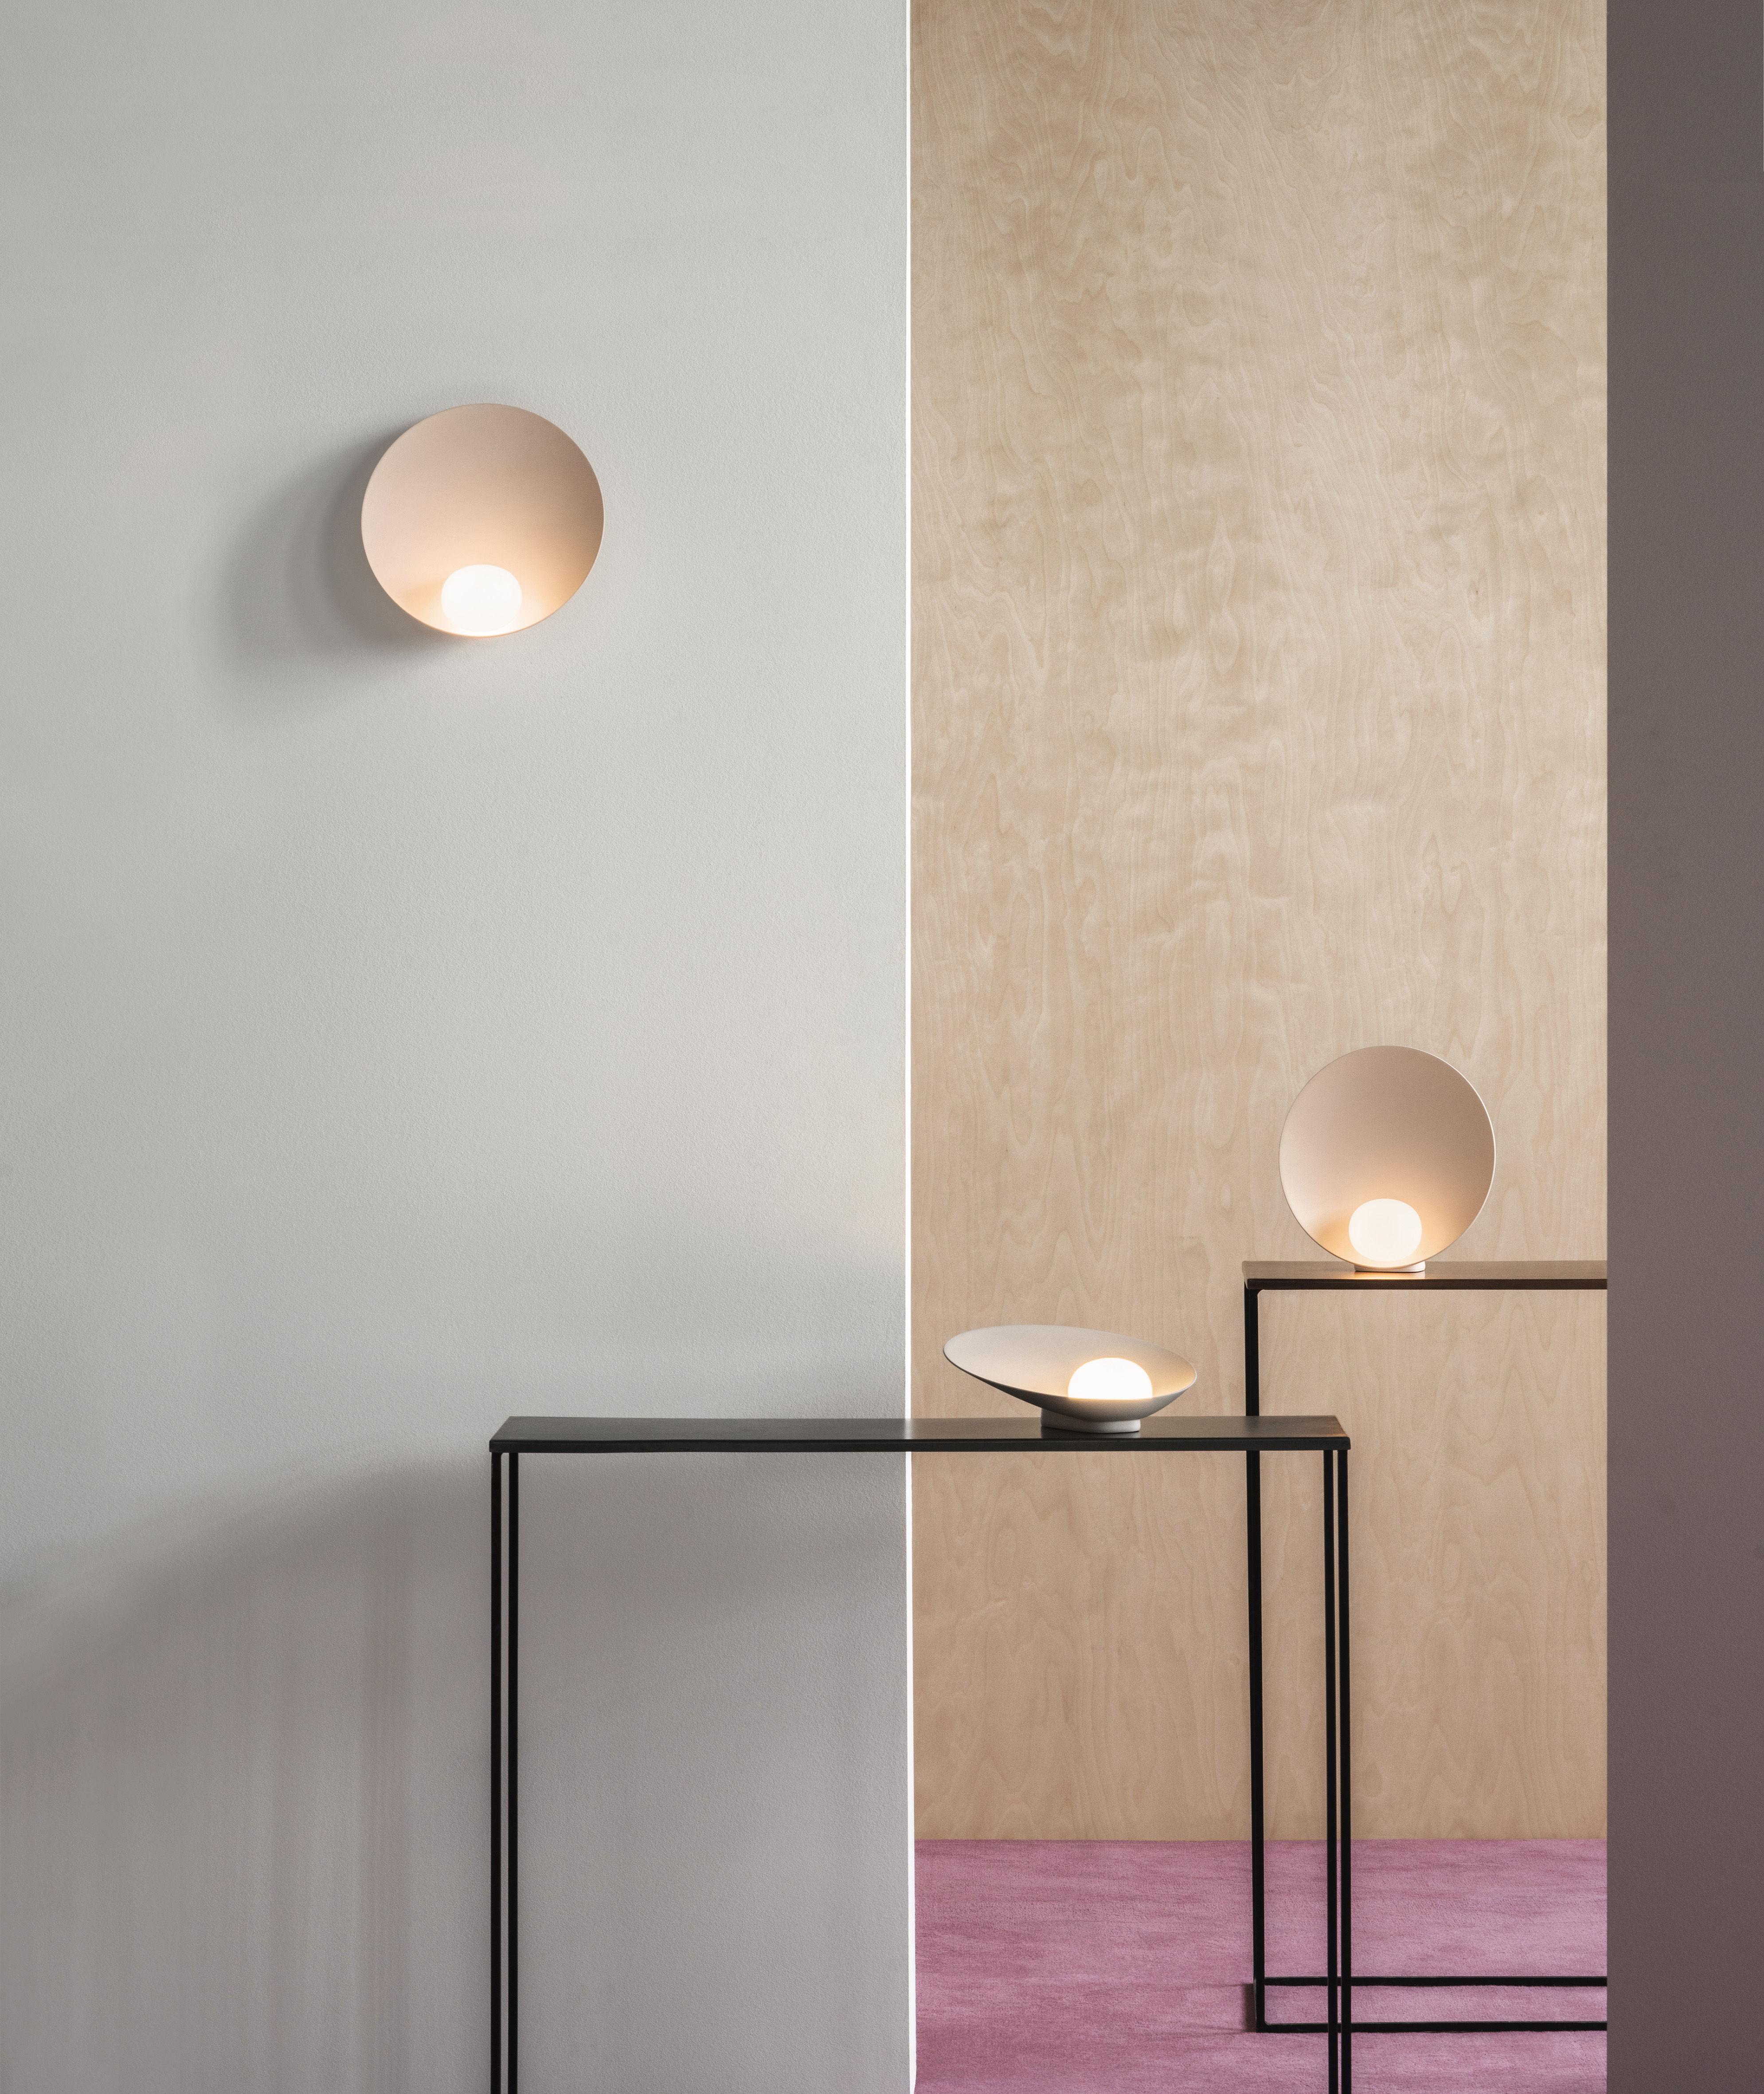 lampe de table musa rechargeable 26 cm laqu blanc. Black Bedroom Furniture Sets. Home Design Ideas